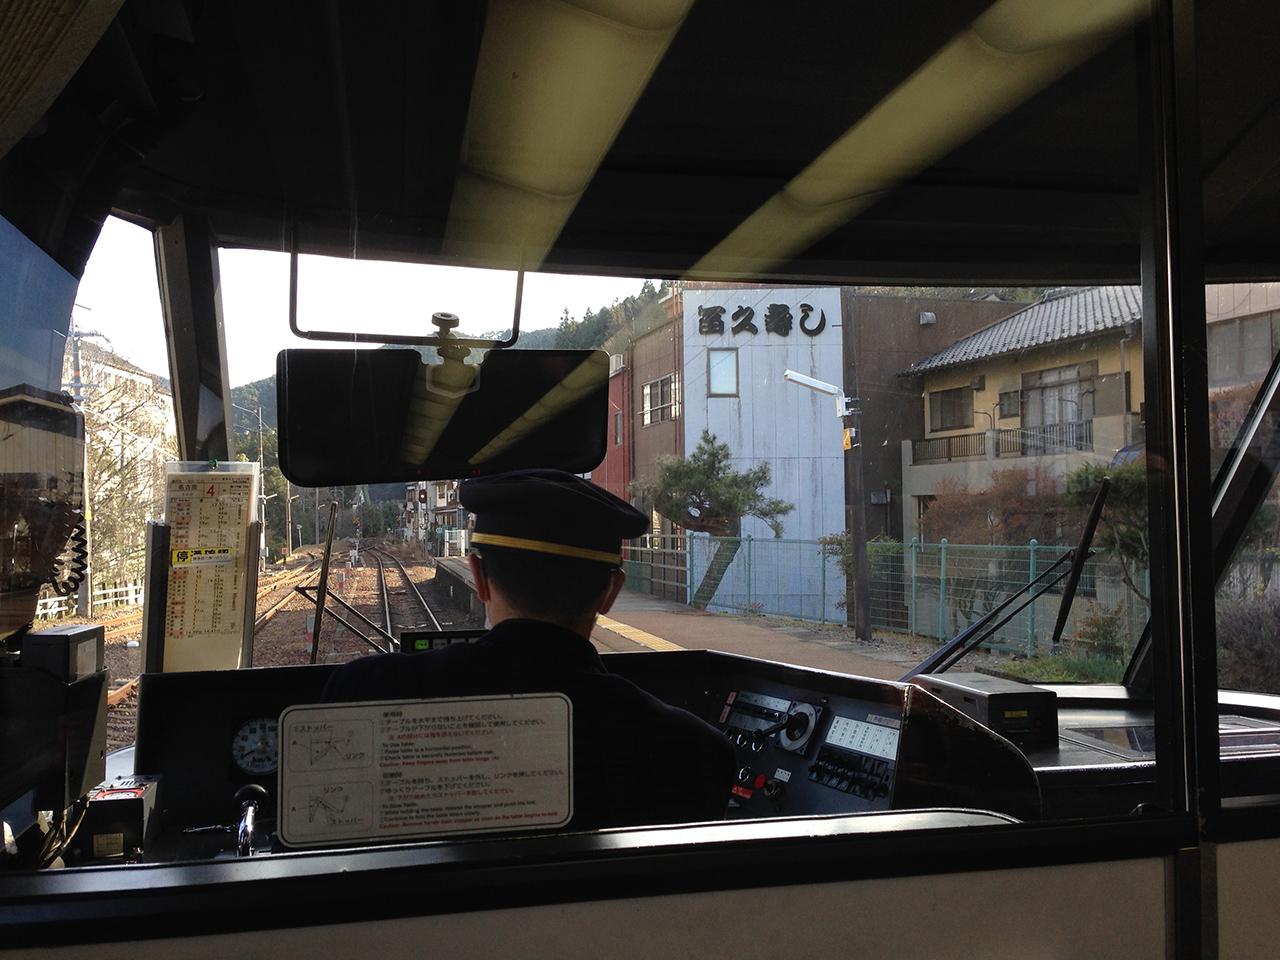 โลกส่วนตัวของพนักงานขับ รถไฟ ใน ญี่ปุ่น